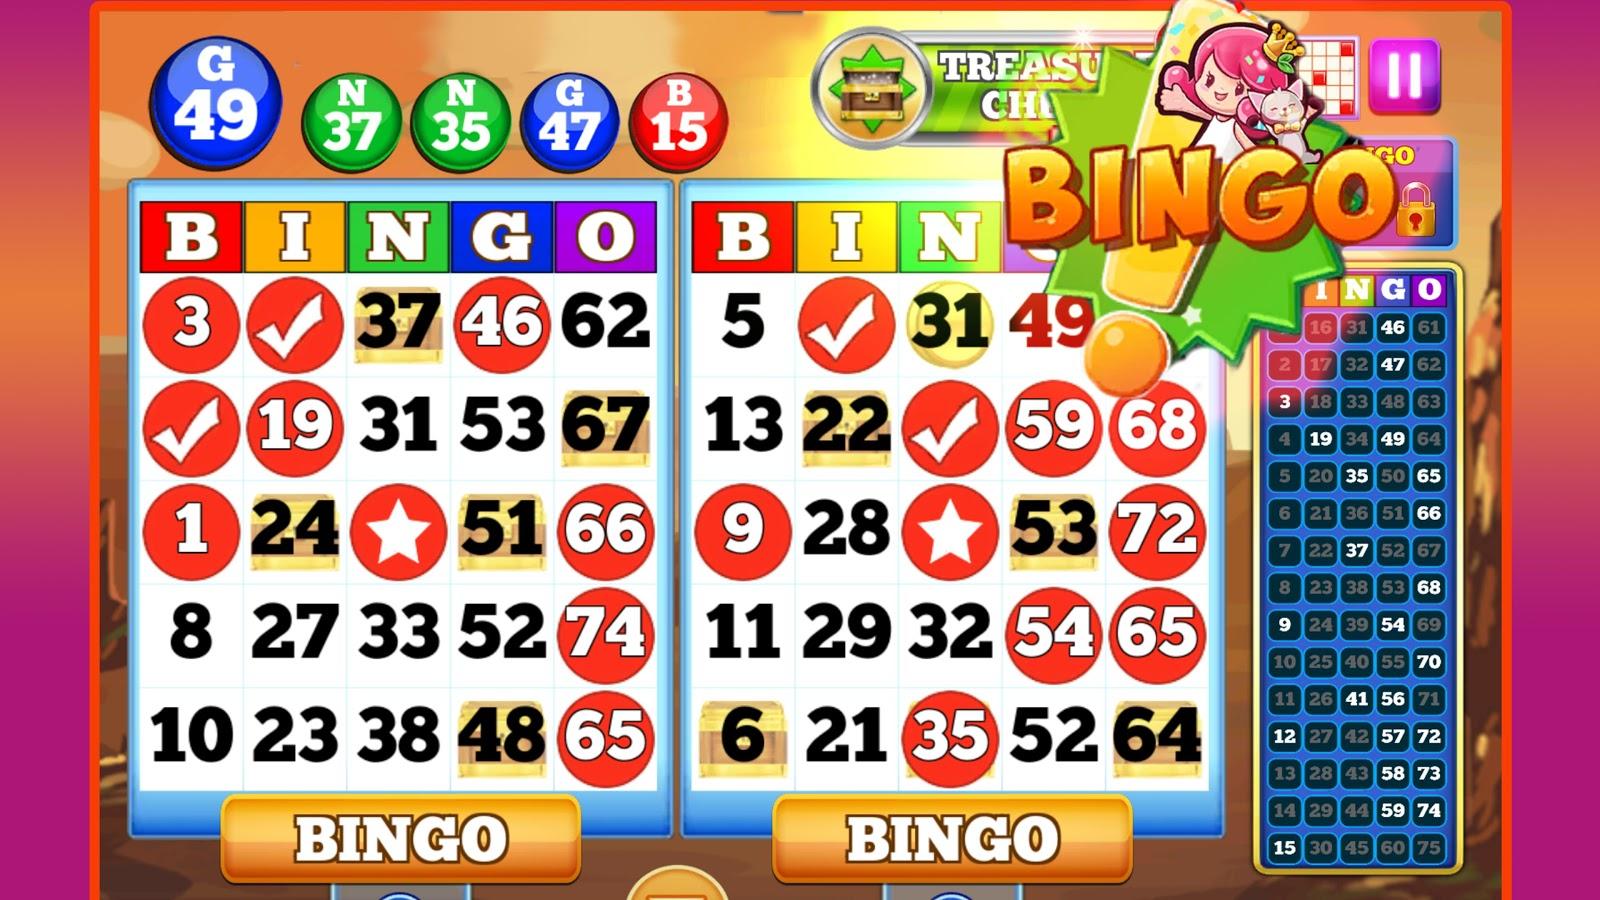 Casino bingo online - 55173